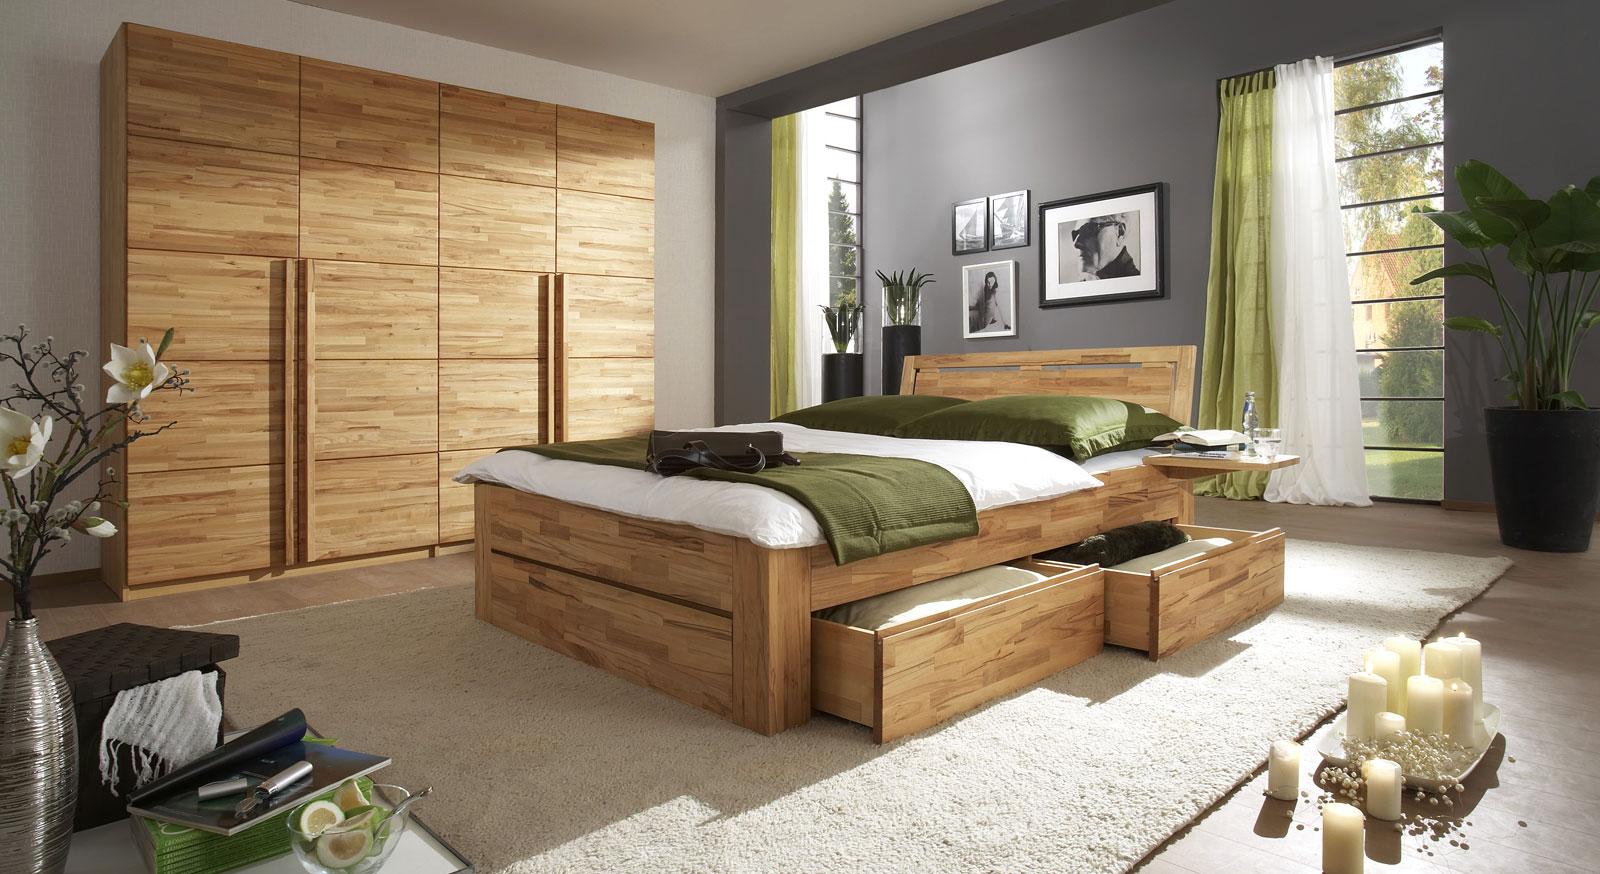 Schlafzimmereinrichtung Andalucia aus Massivholz